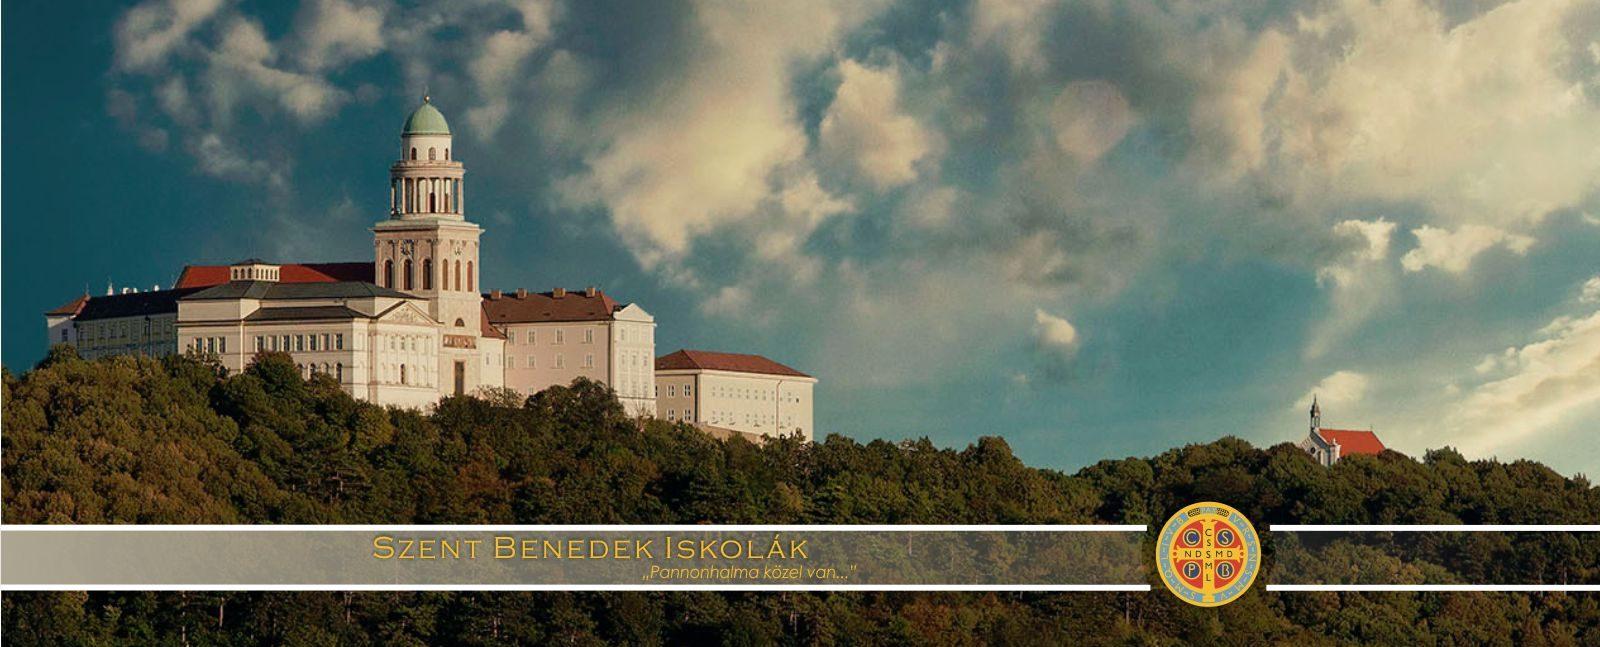 Szent Benedek Középiskola és Alapfokú Művészeti Iskola